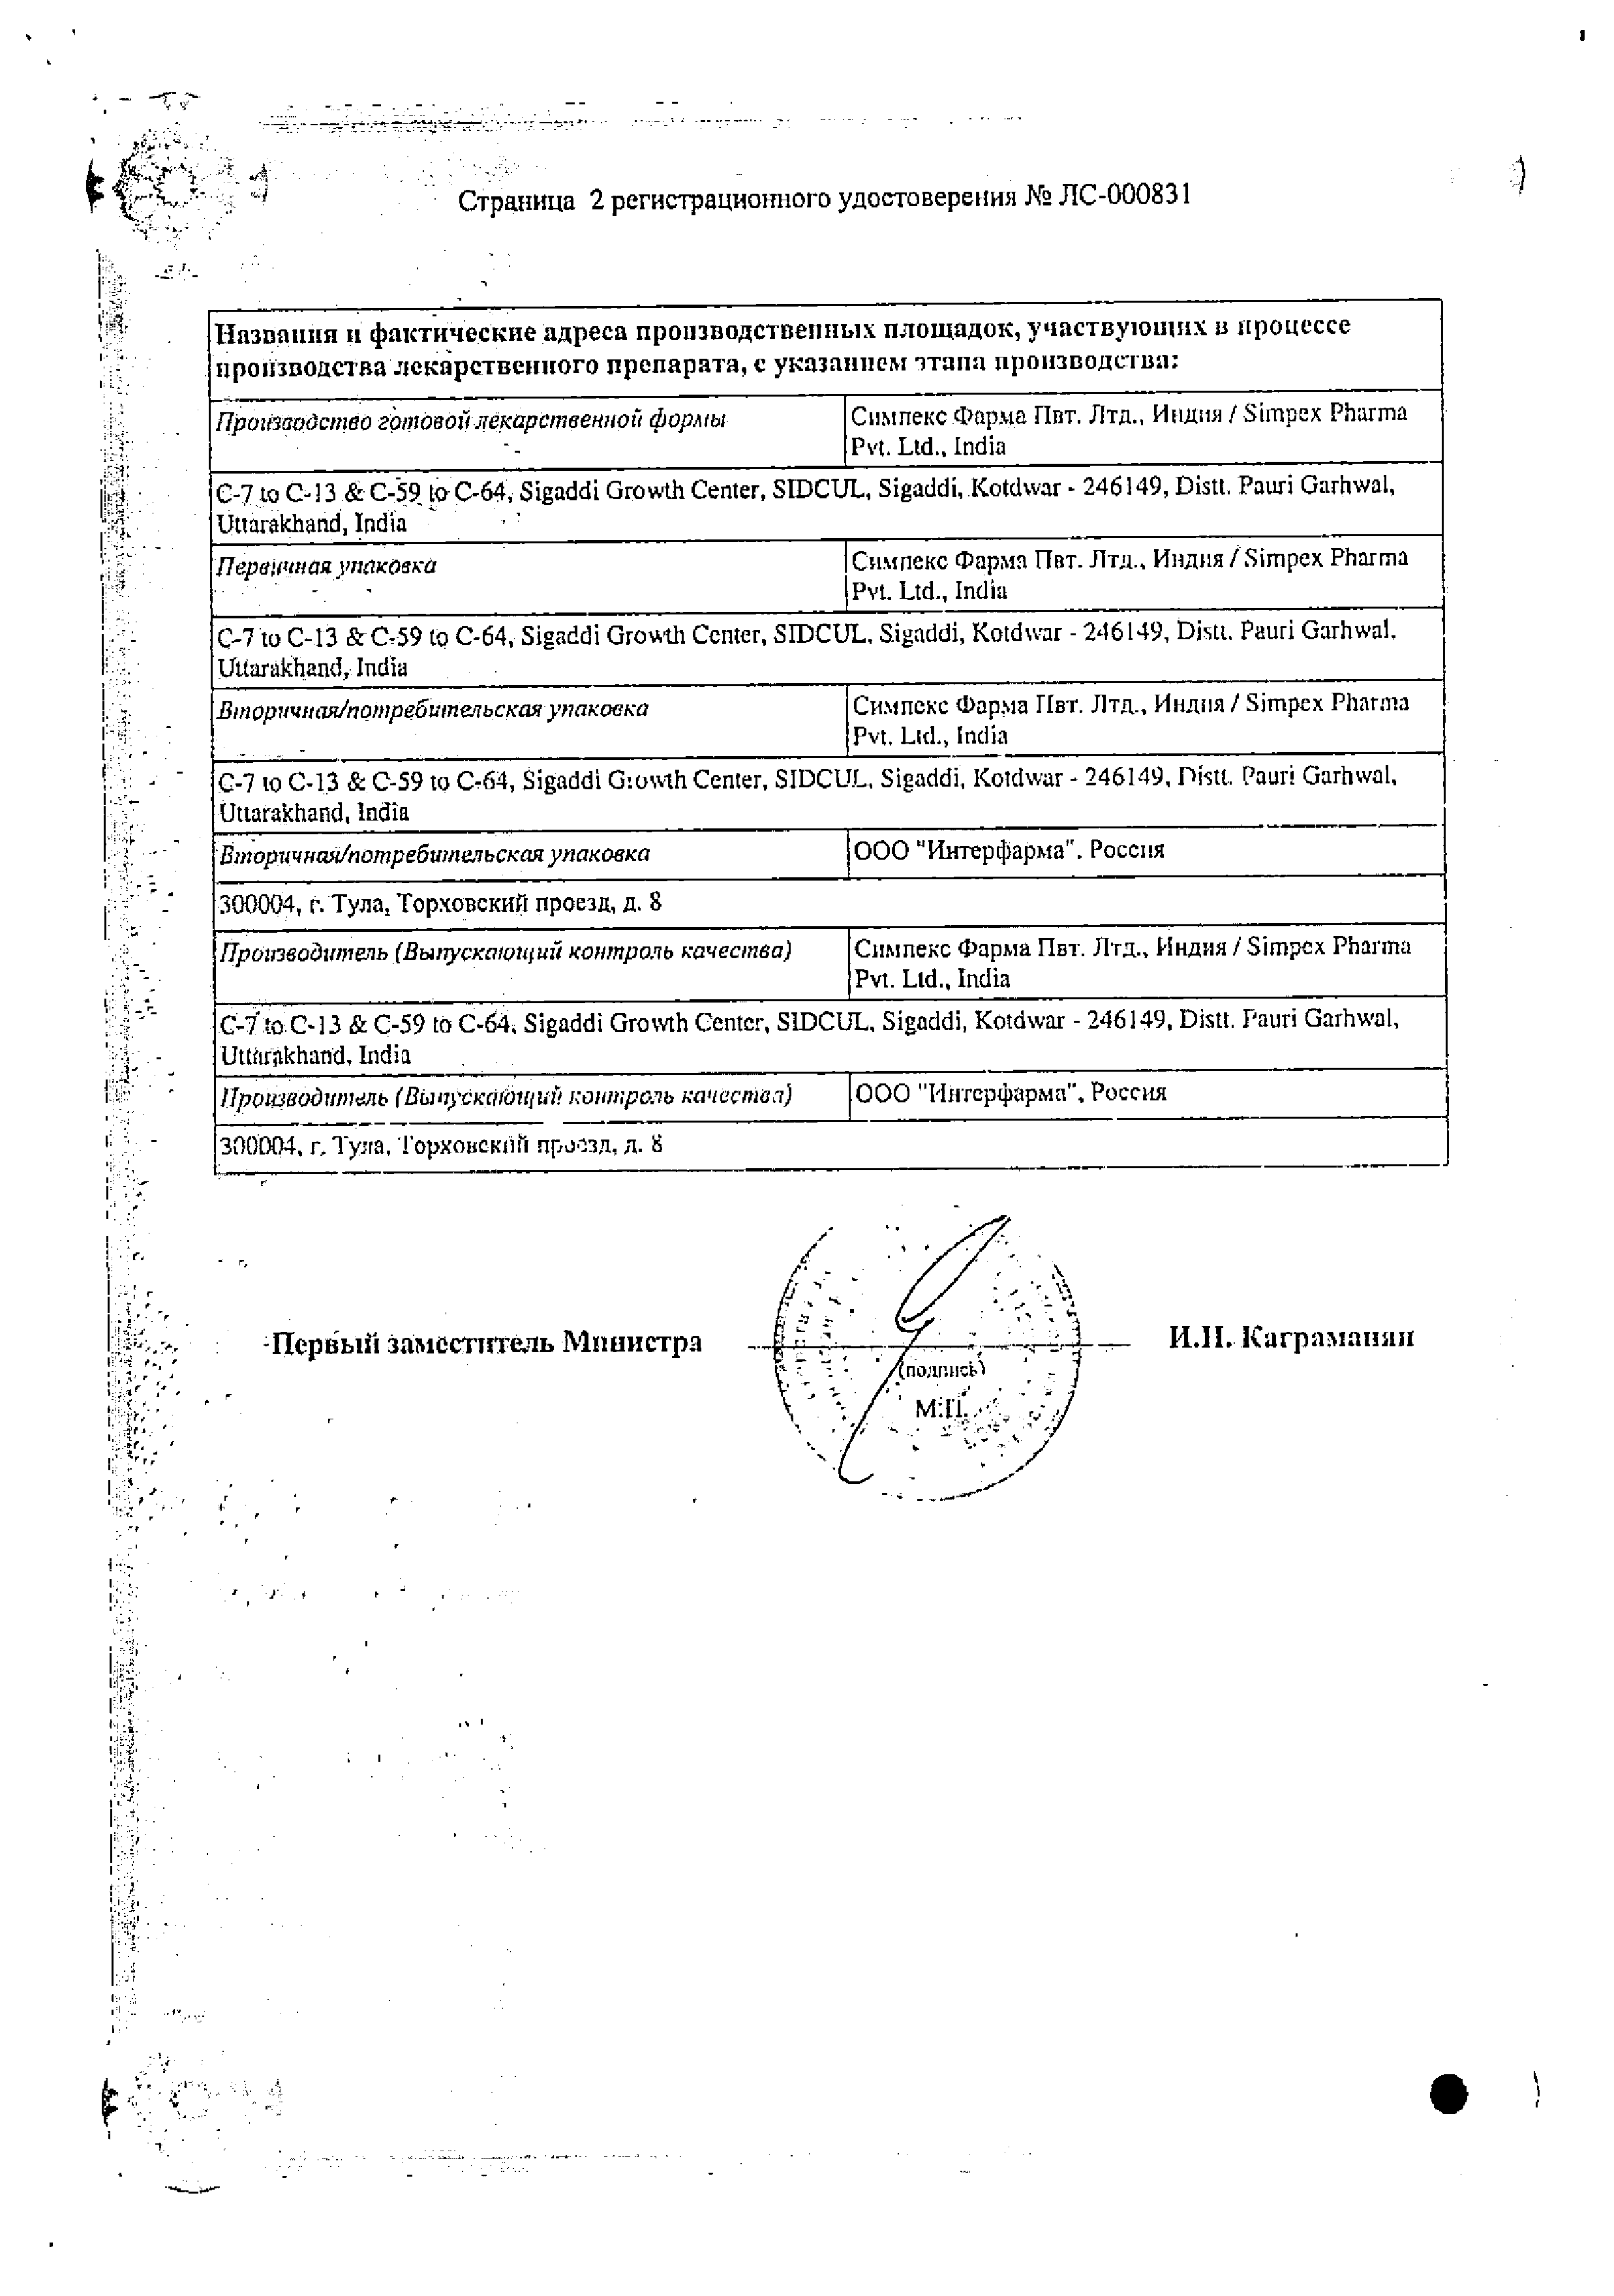 Тизанил сертификат